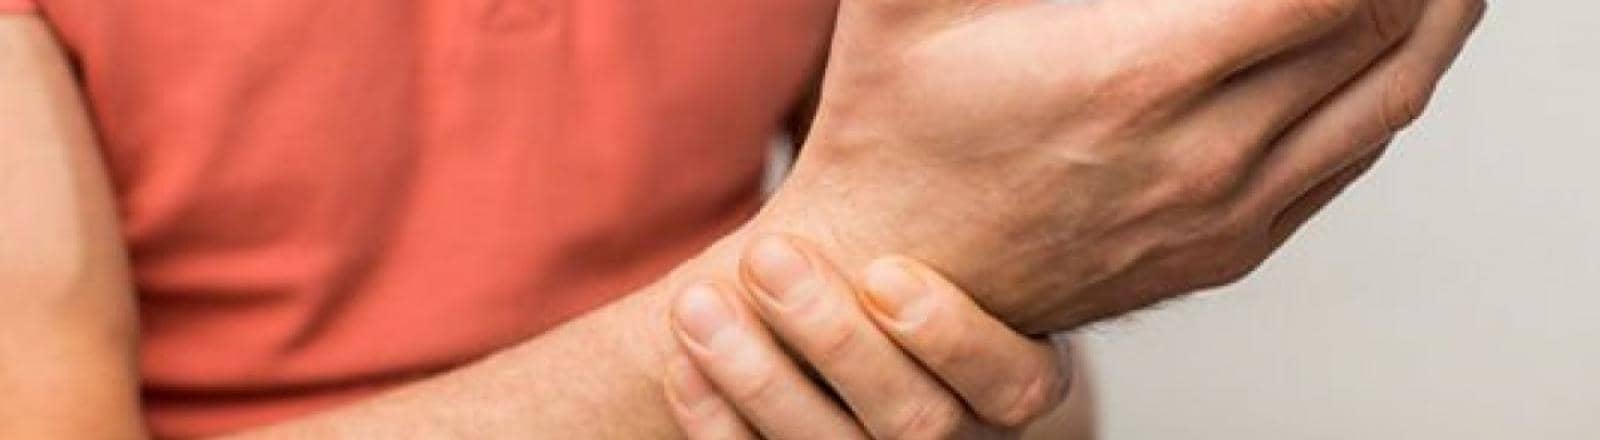 tendinitis de De quervain